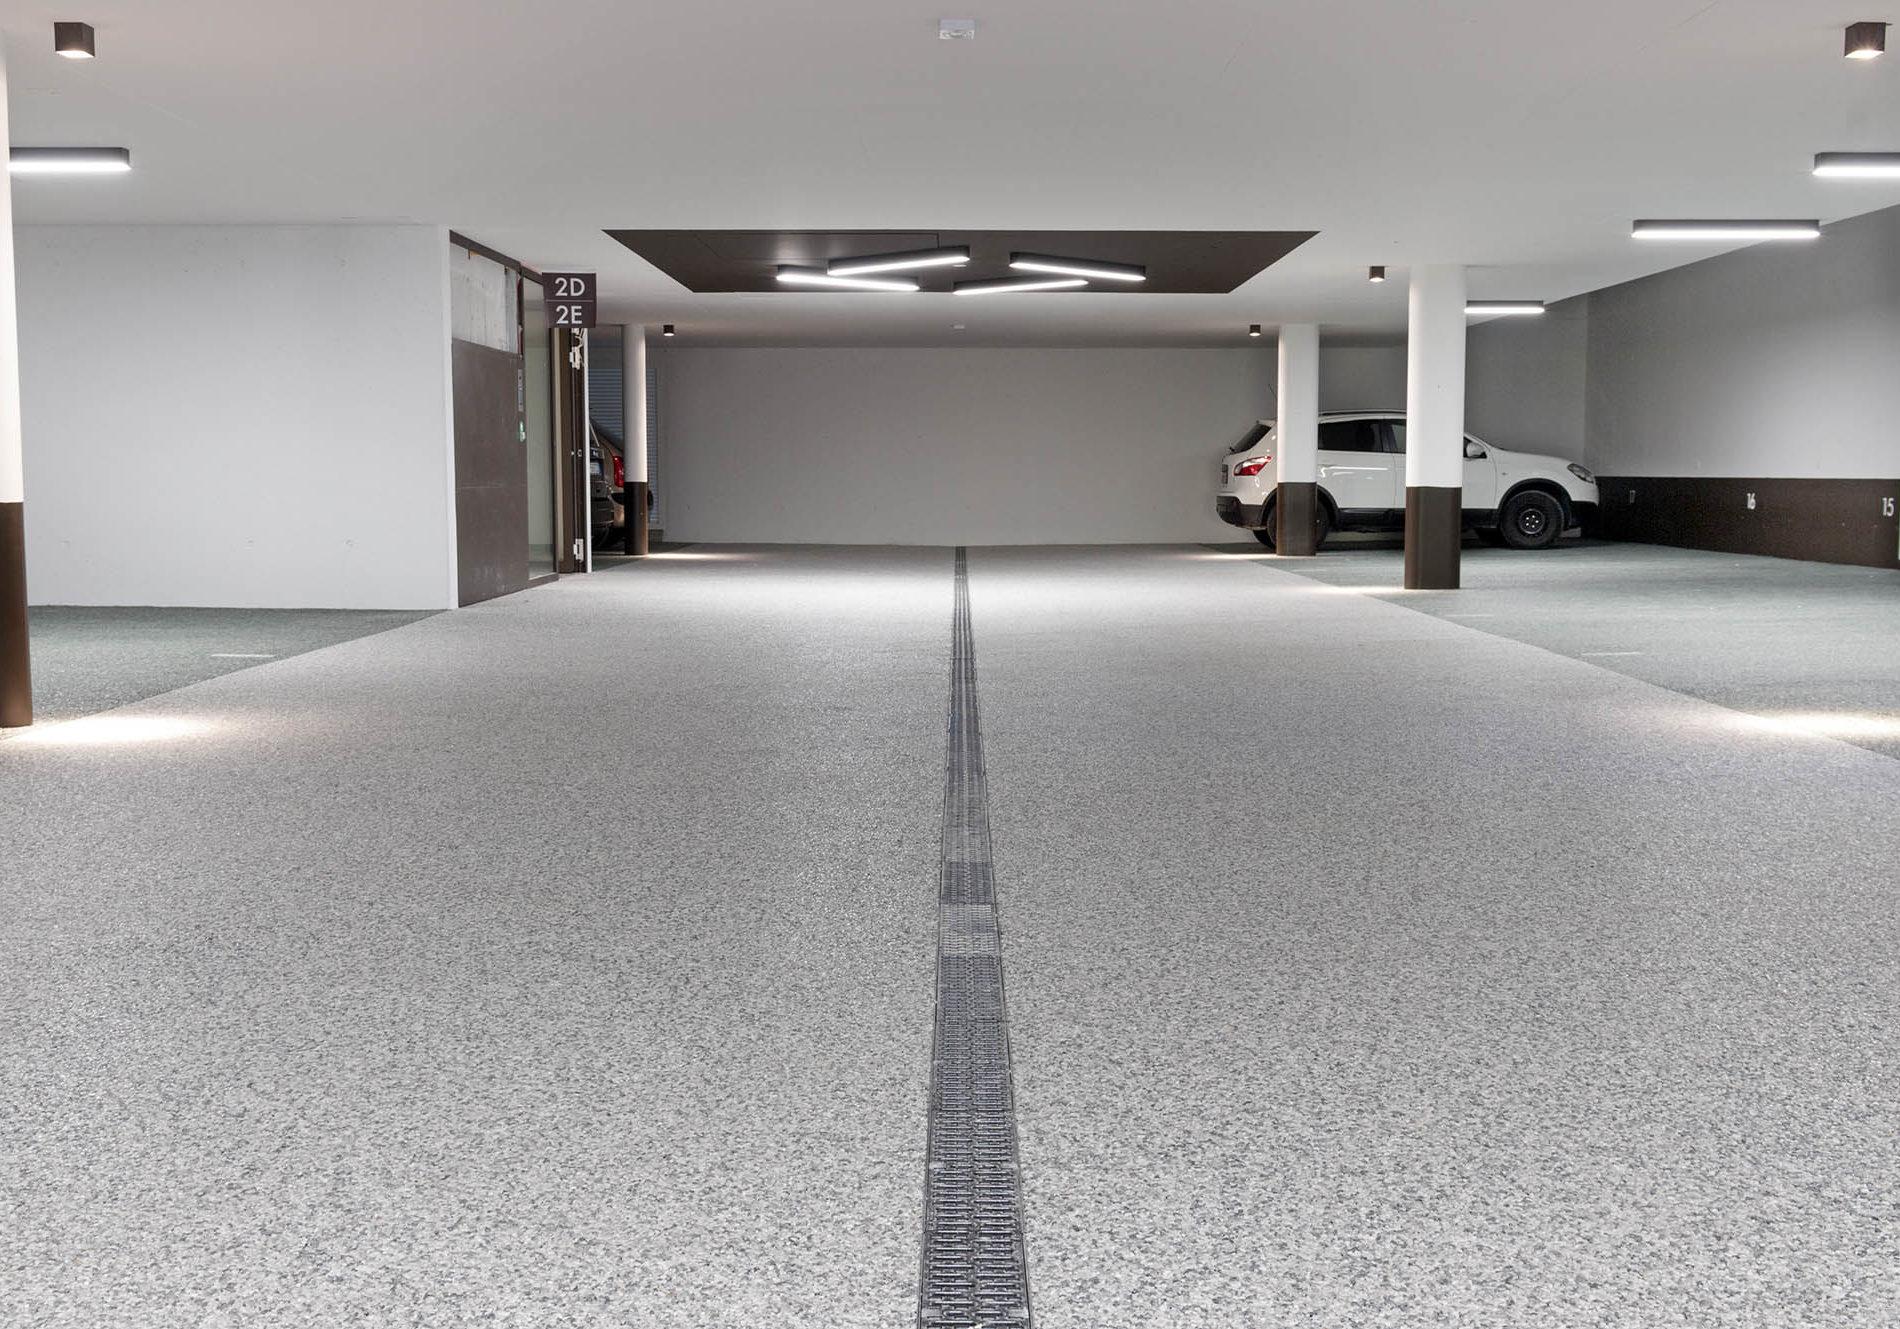 parcheggio-svizzera_00001